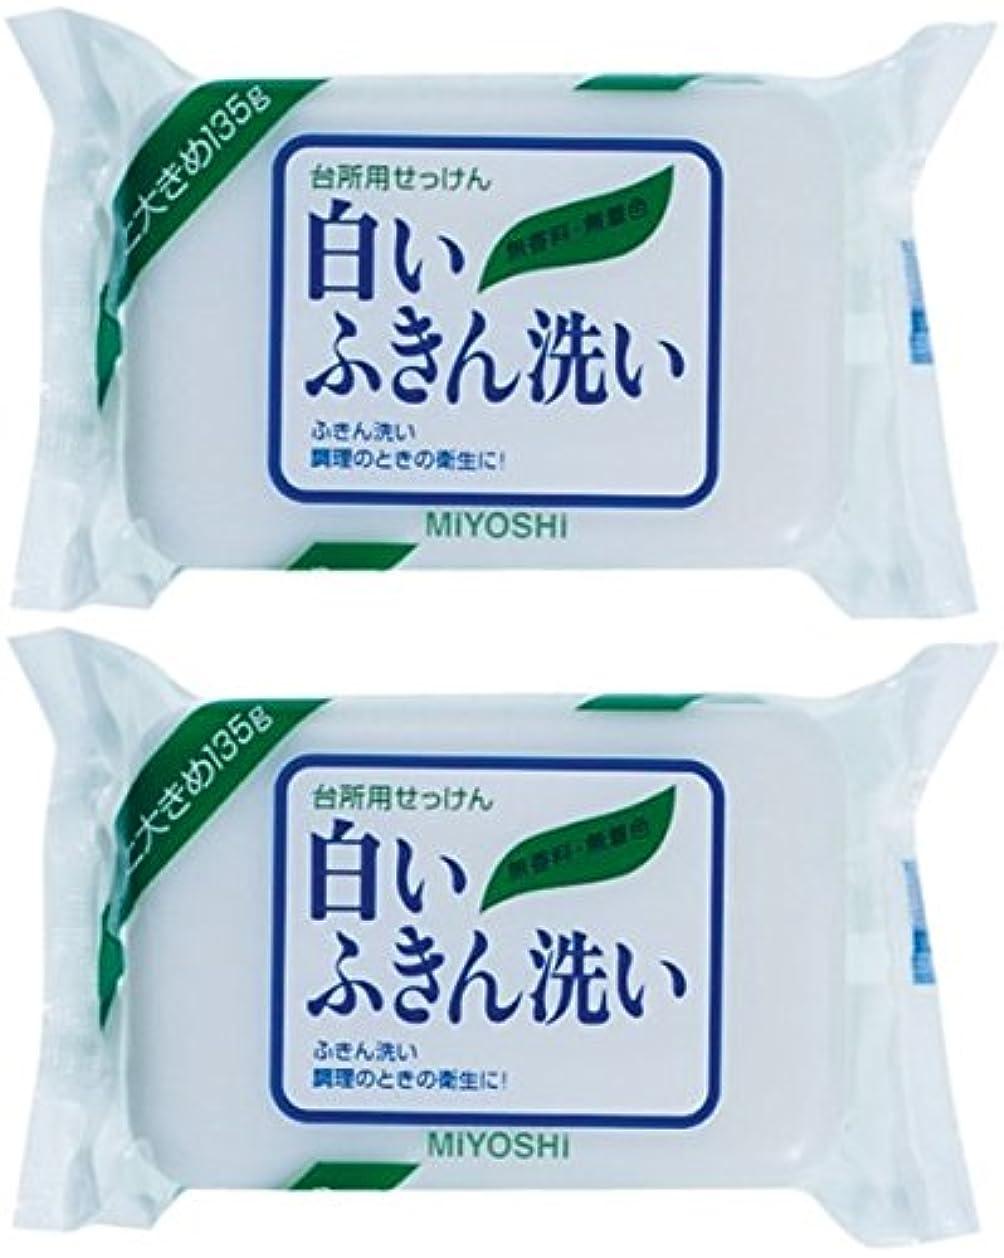 打撃満足させる戻る【まとめ買い】ミヨシ 白いふきん洗い せっけん 135g ×2セット